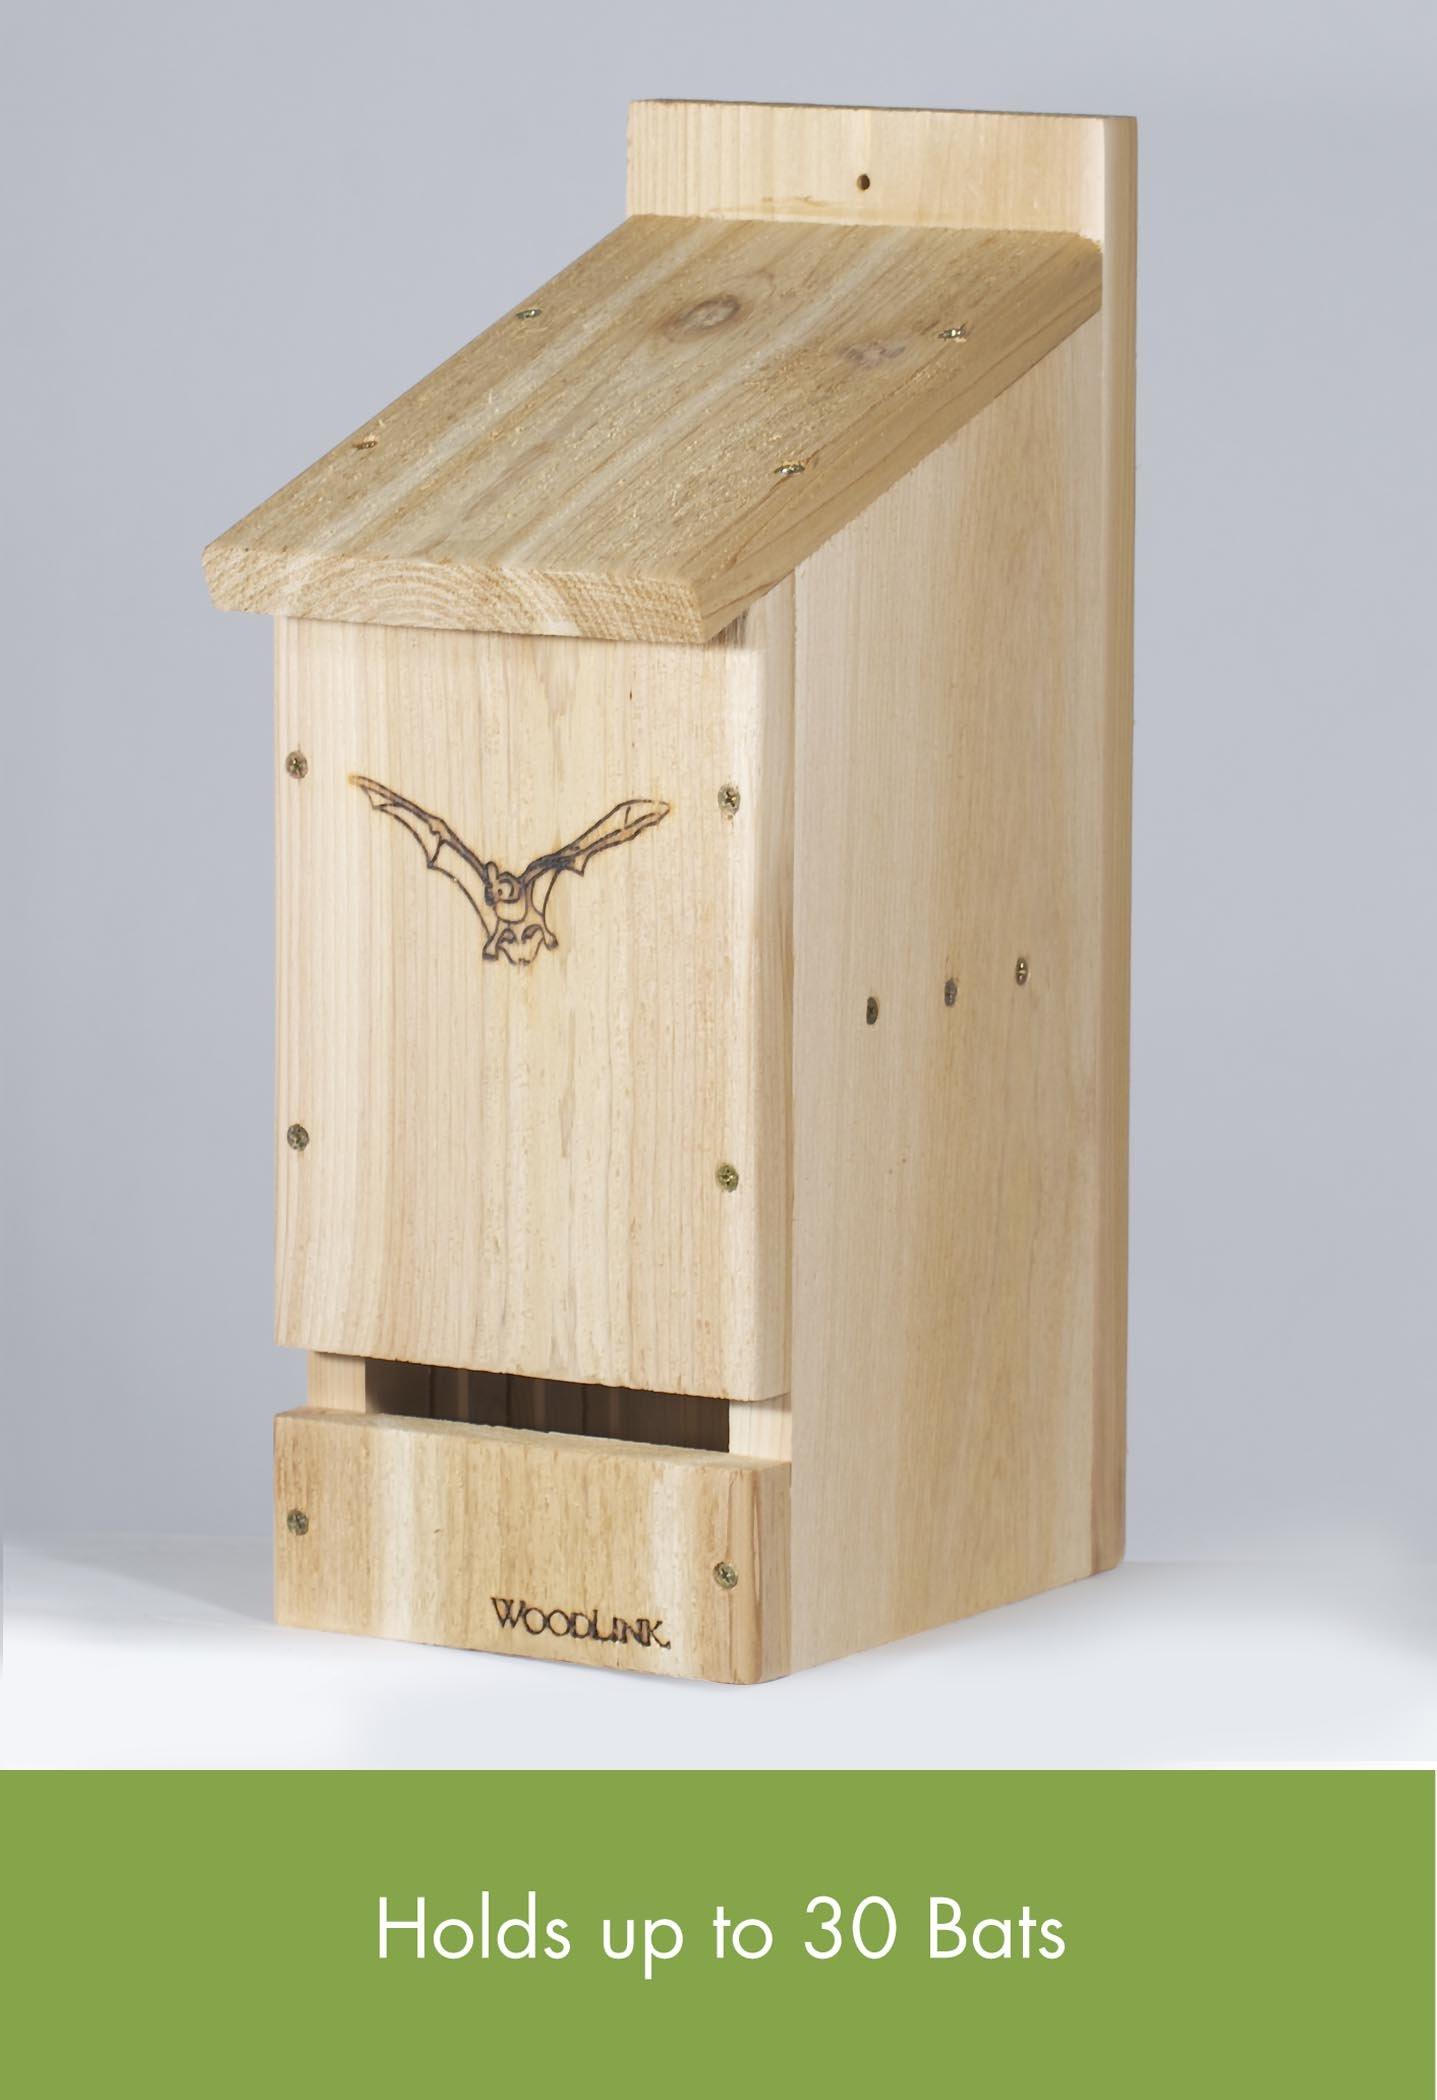 Woodlink BAT1 Cedar Bat Cottage by Woodlink (Image #3)